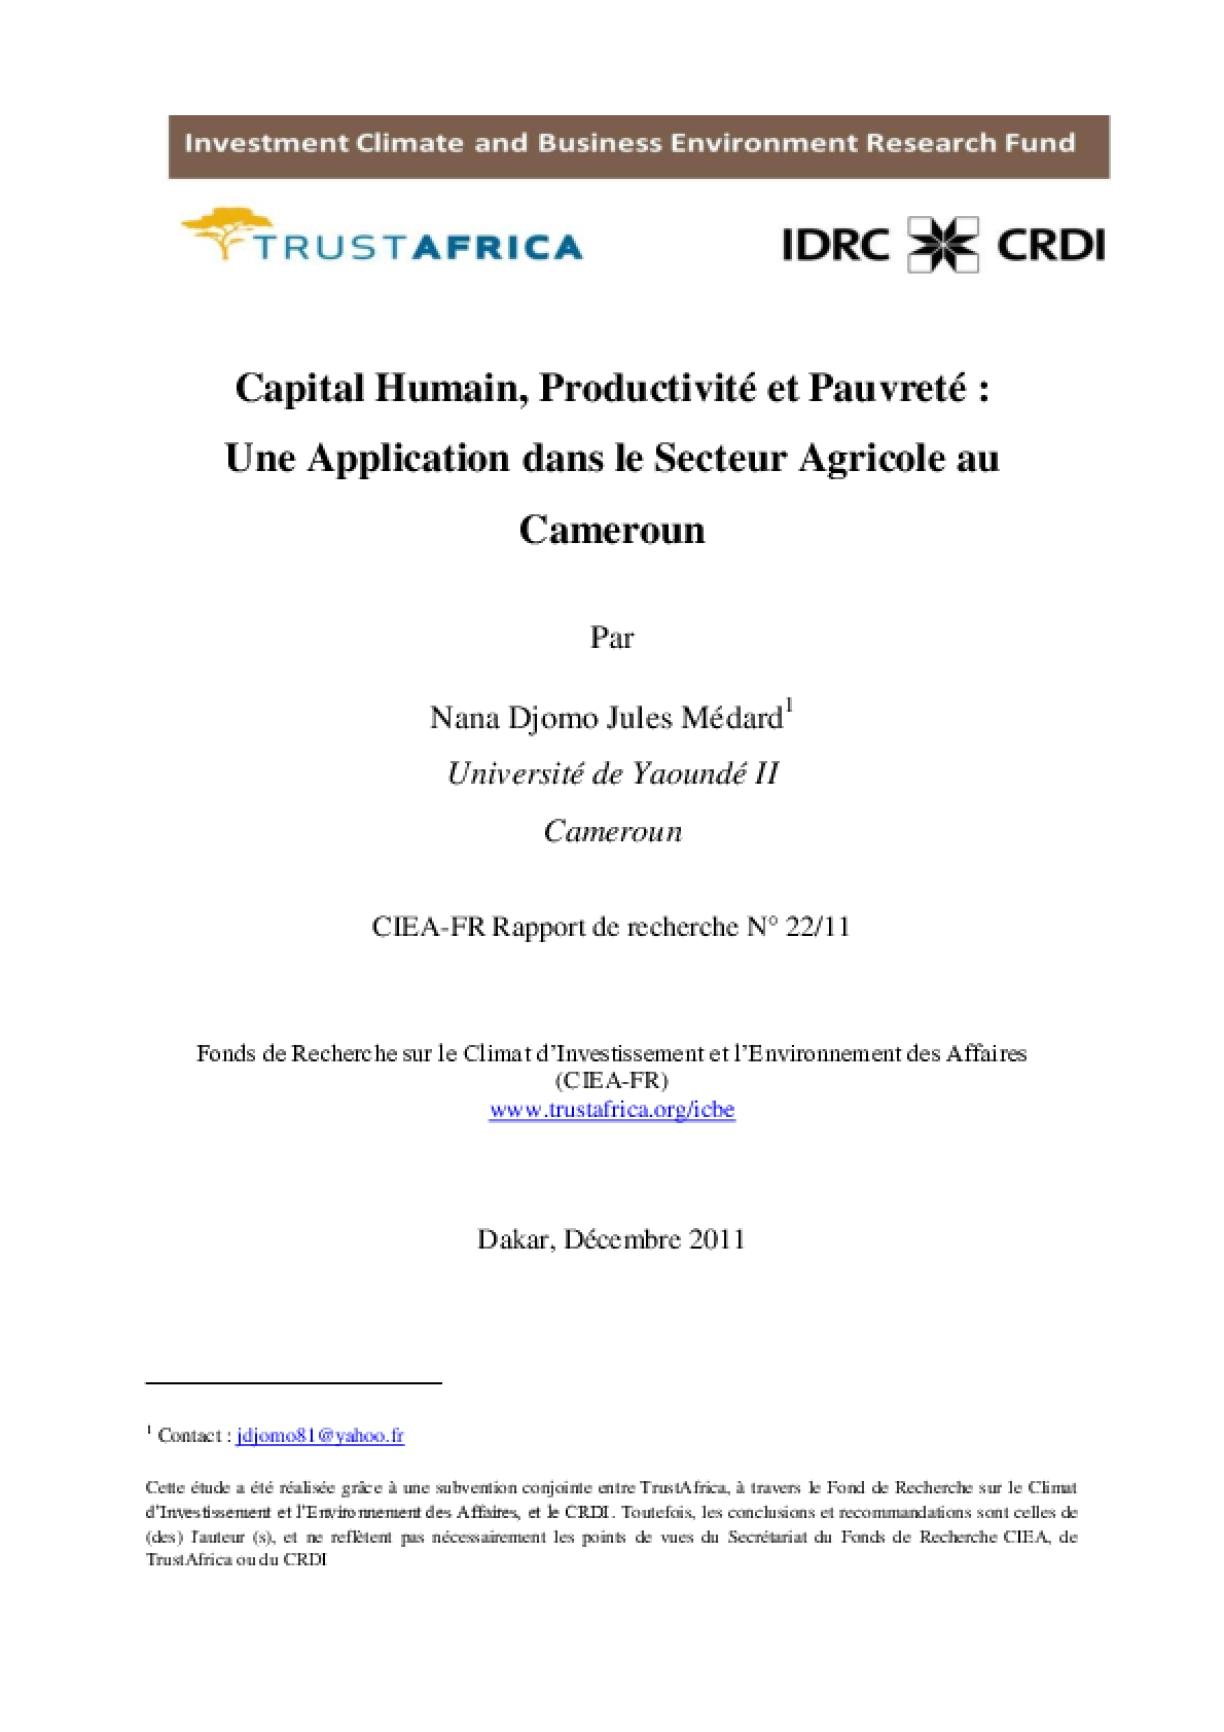 Capital Humain, Productivité et Pauvreté : Une Application dans le Secteur Agricole au Cameroun